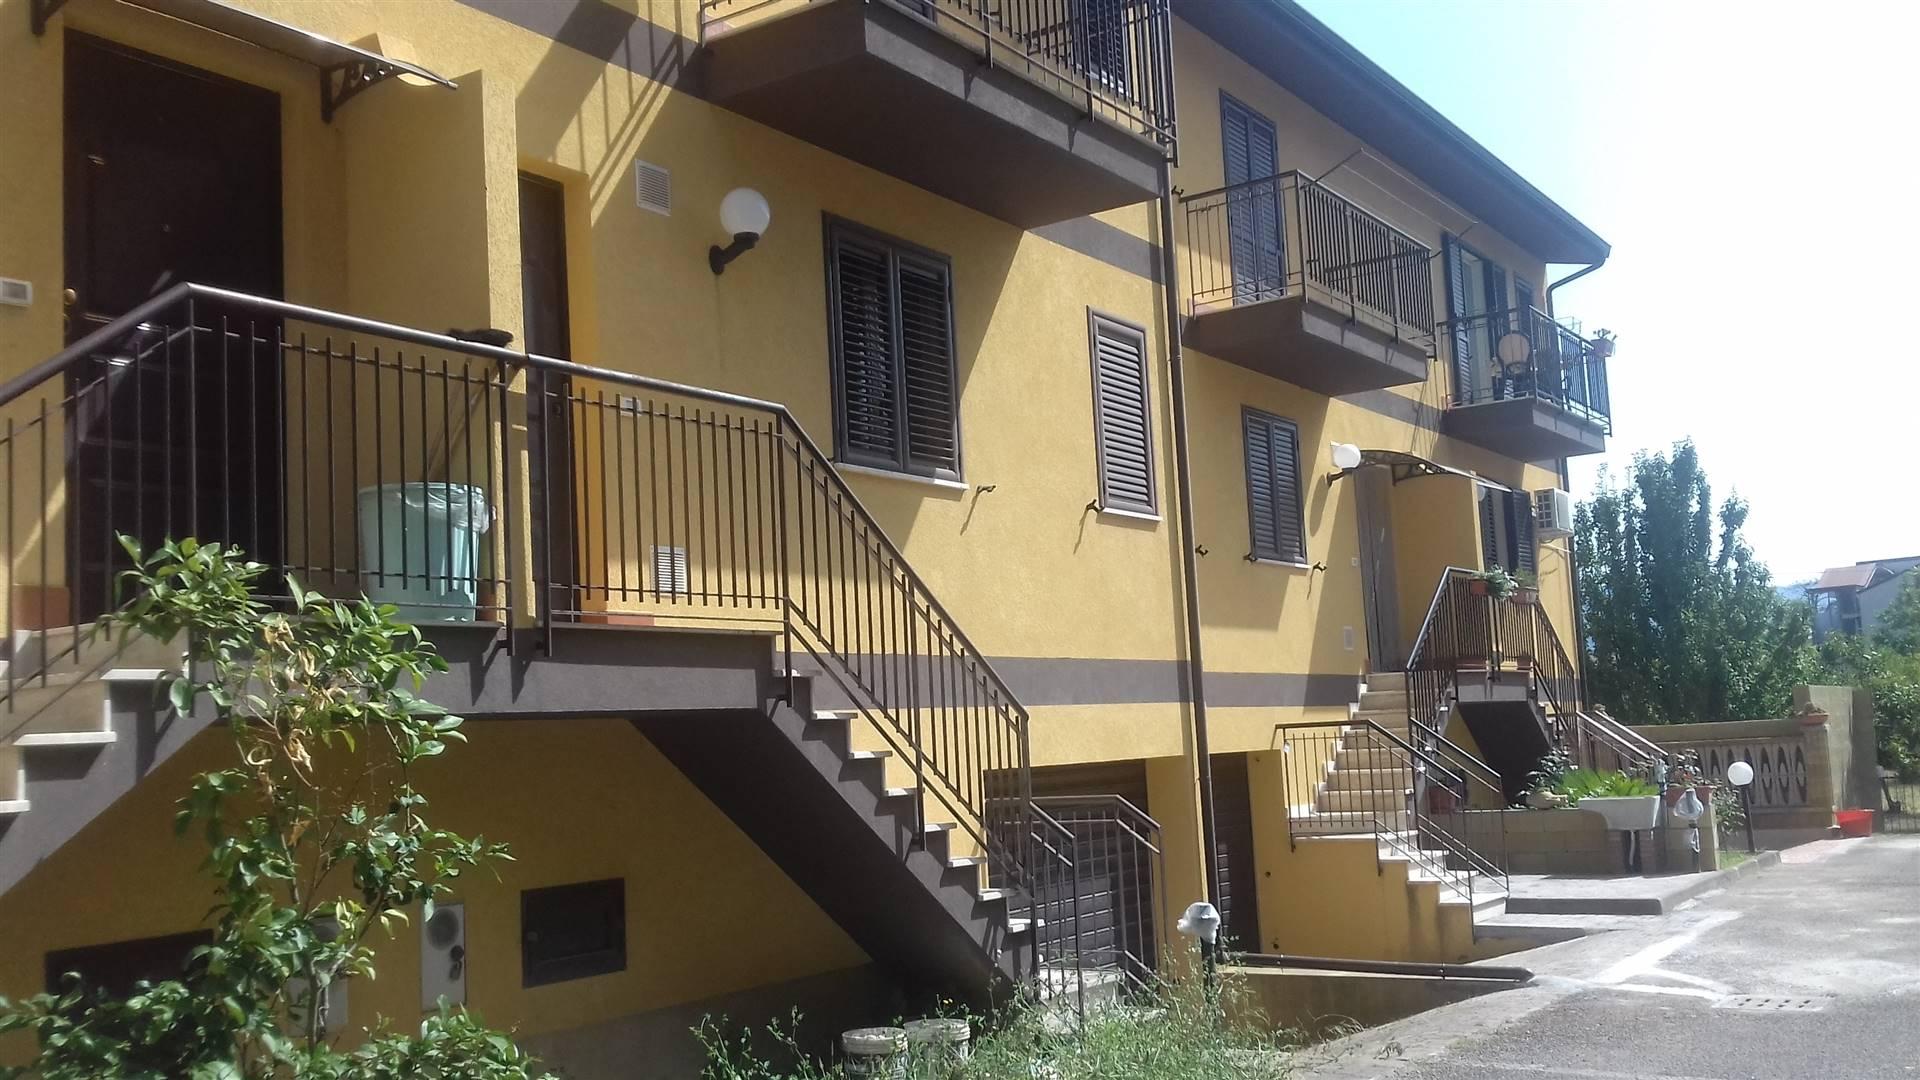 Villa a Schiera in vendita a Torrenova, 6 locali, zona Località: TORRENOVA, prezzo € 150.000   CambioCasa.it